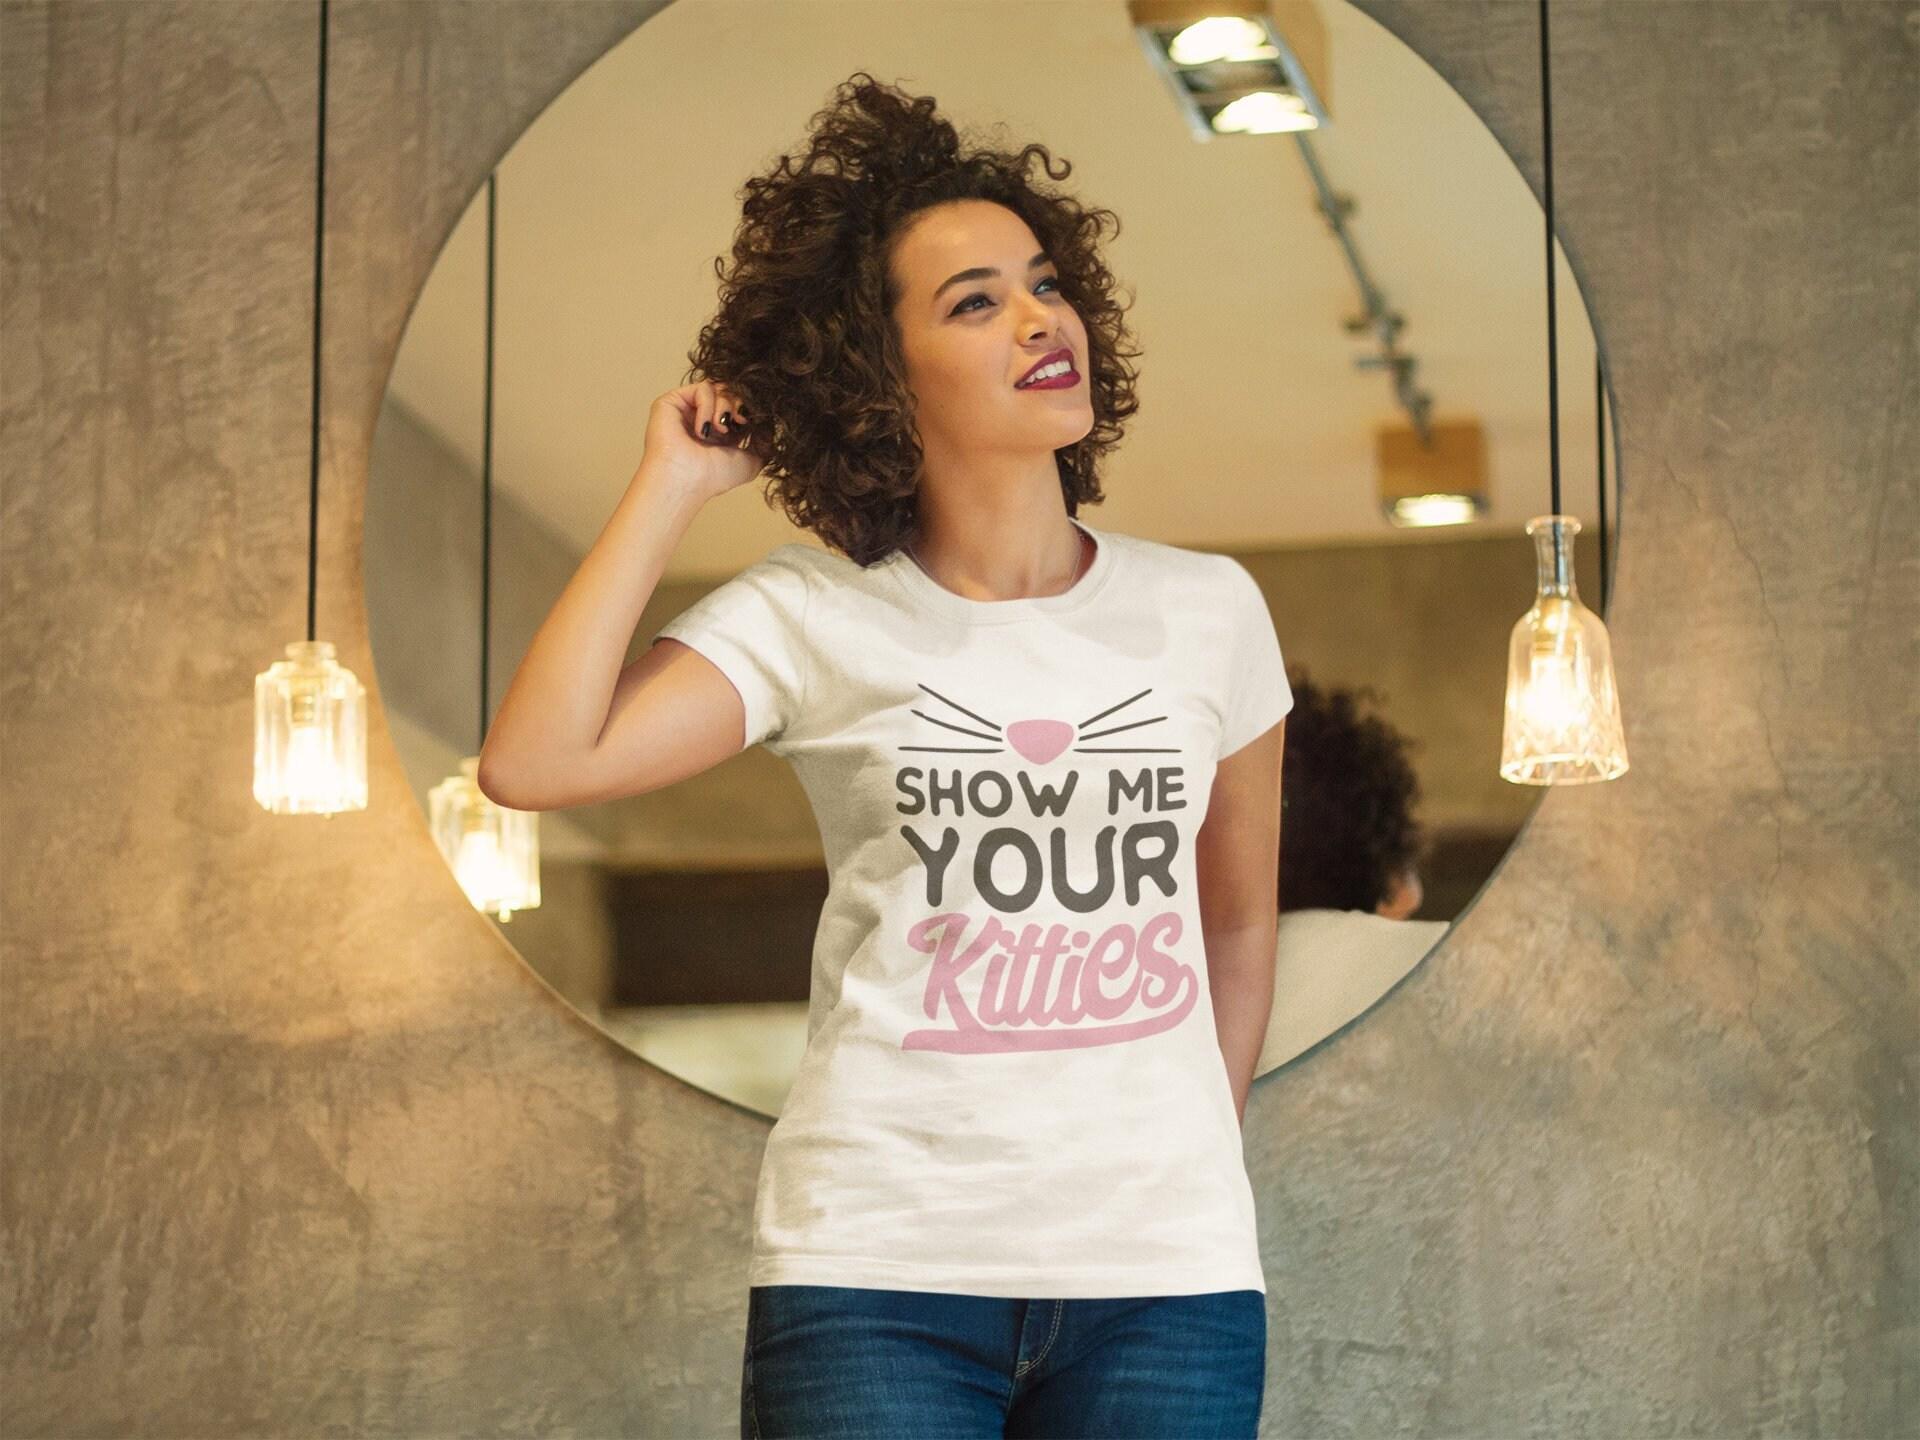 Montrez-moi votre chatons | La femme chat chemise - - chemise drôle de chat chemise - chemise chatons - chat dame 69b362